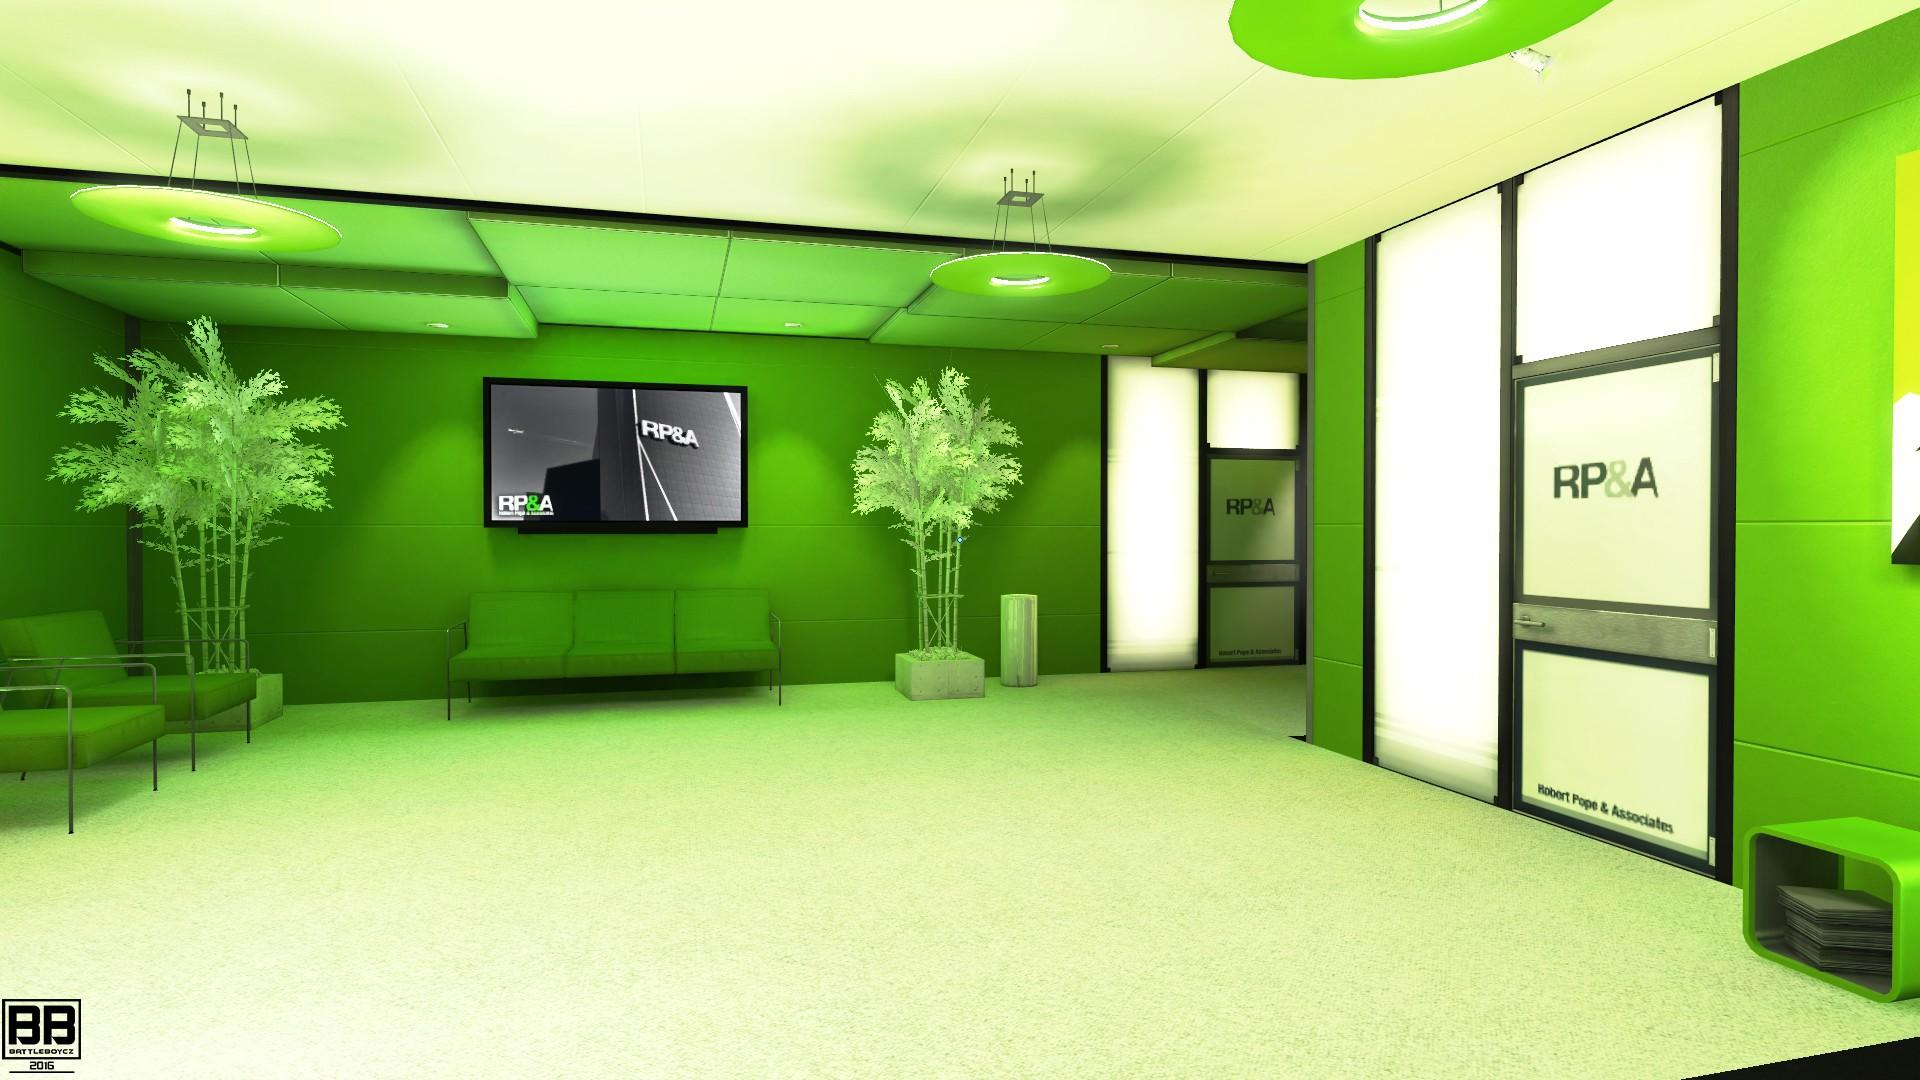 Fond d écran lumières jeux vidéo ville chambre vert bureau